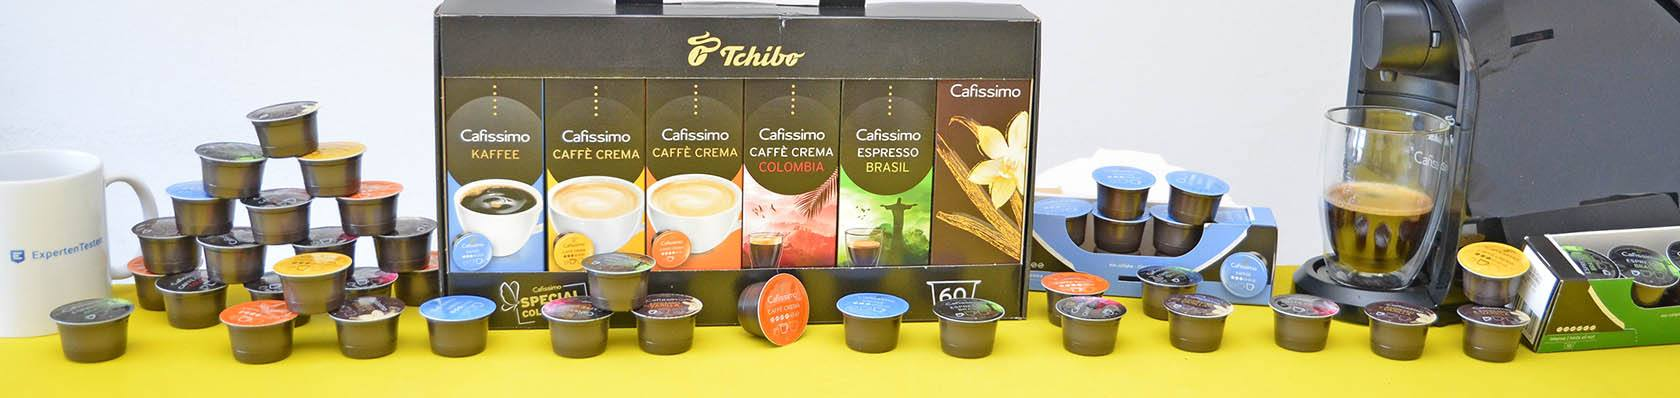 Kaffeepads im Test auf ExpertenTesten.de